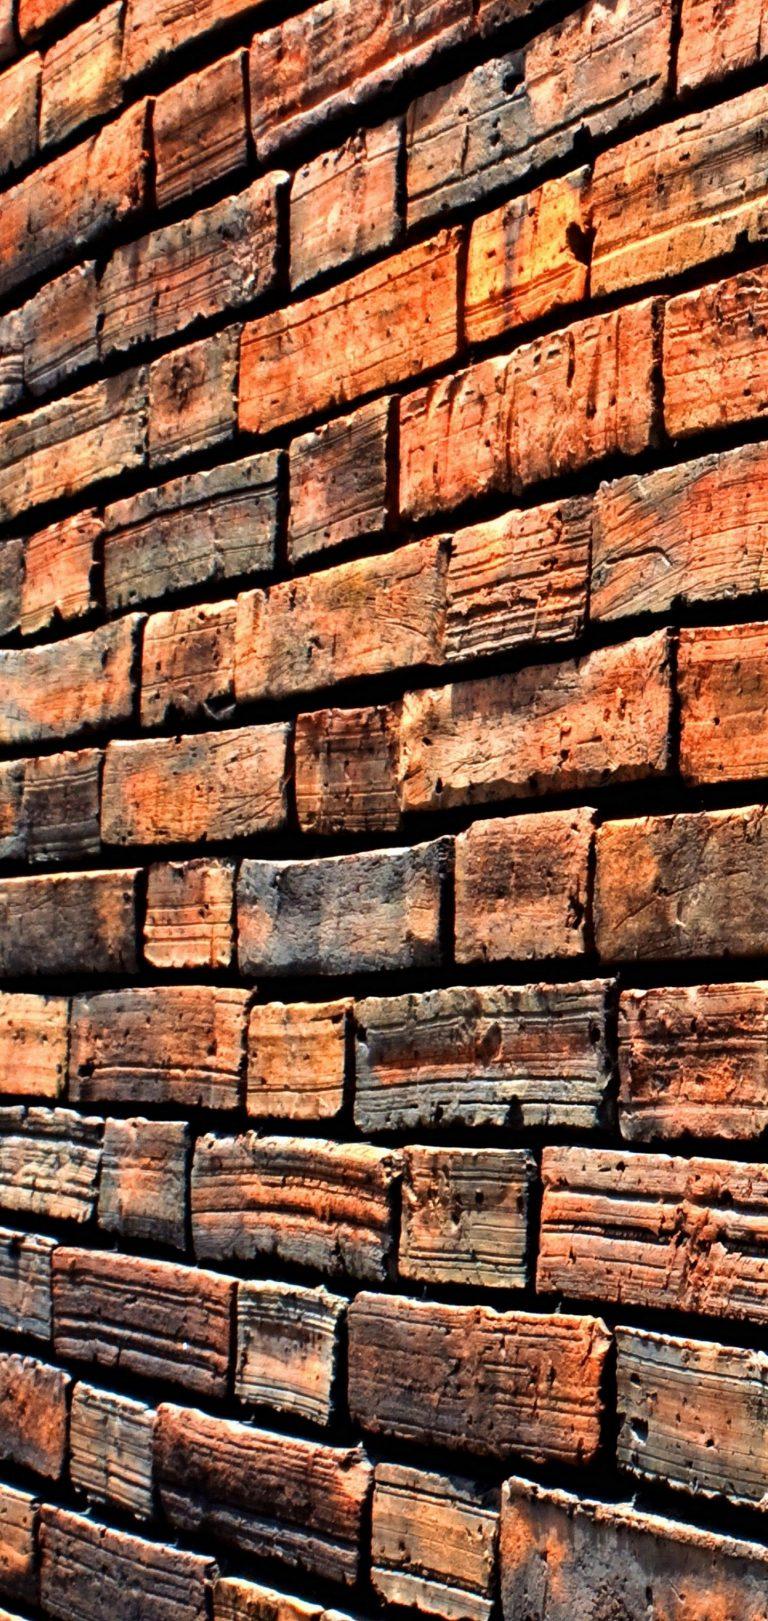 Wall Brick Side Wallpaper 1440x3040 768x1621